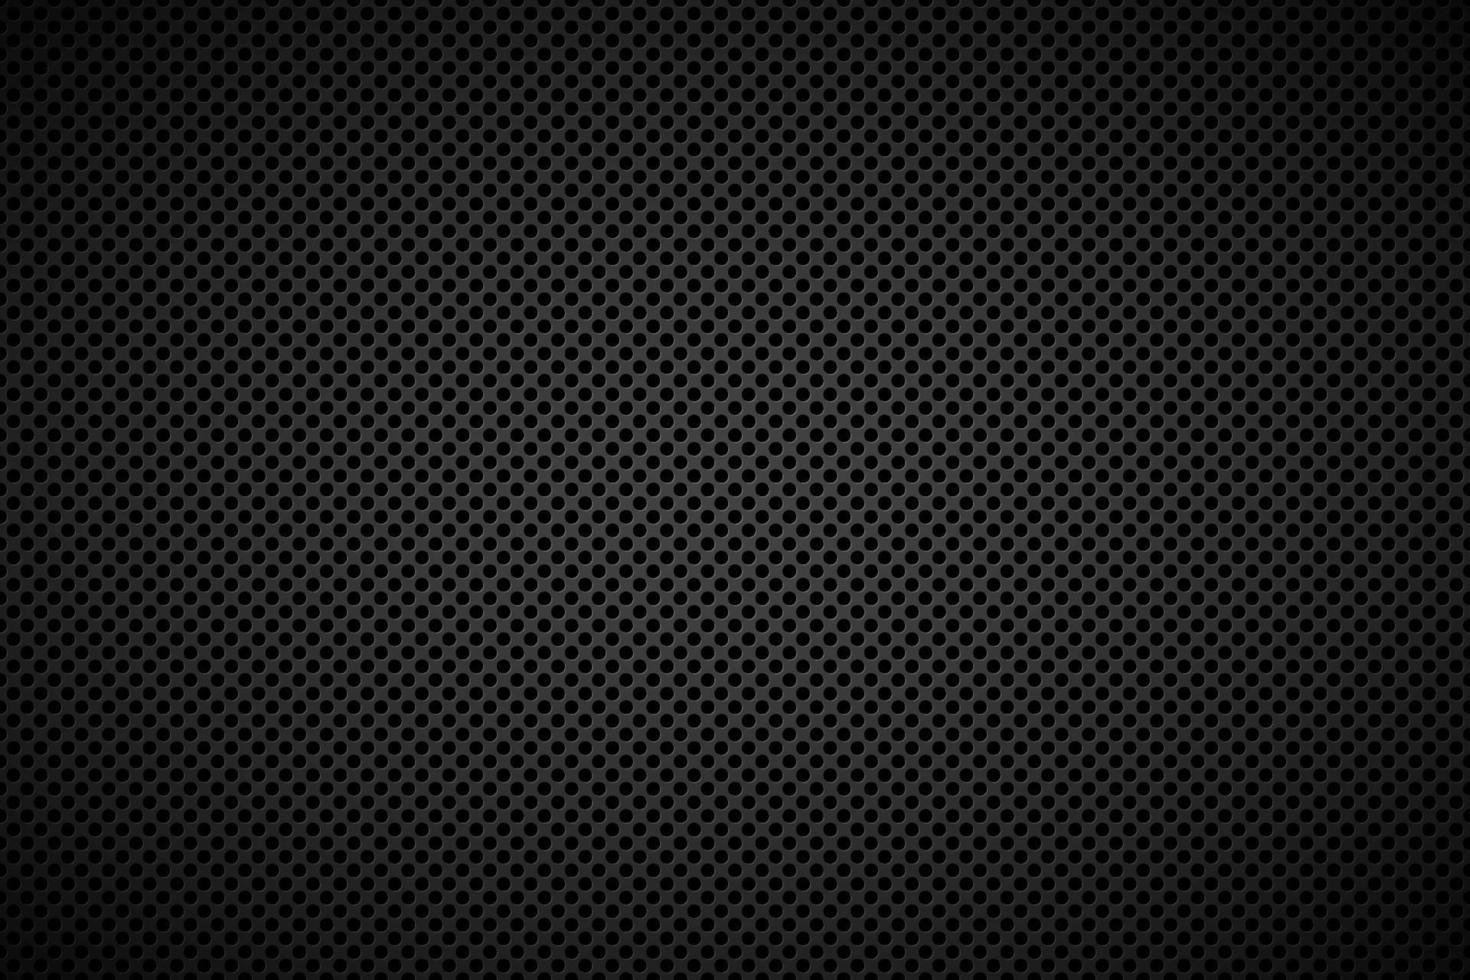 fondo metallico nero perforato. illustrazione vettoriale di sfondo astratto in acciaio inox